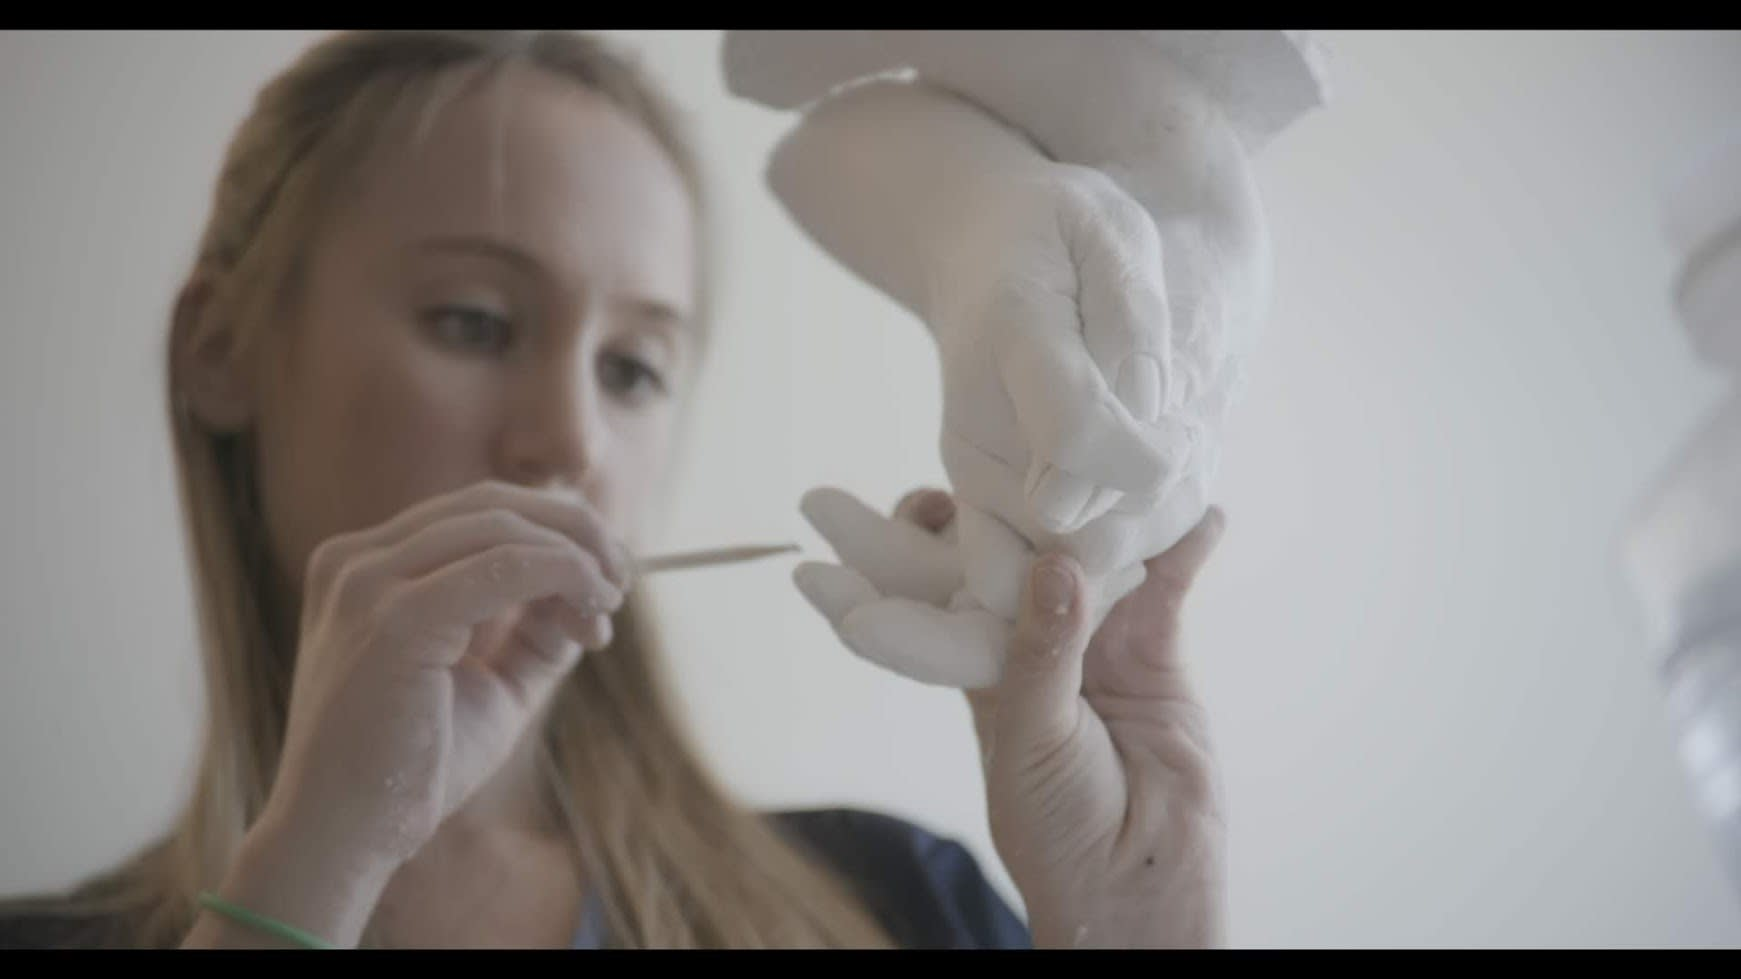 Documentary Still - Hand Cast